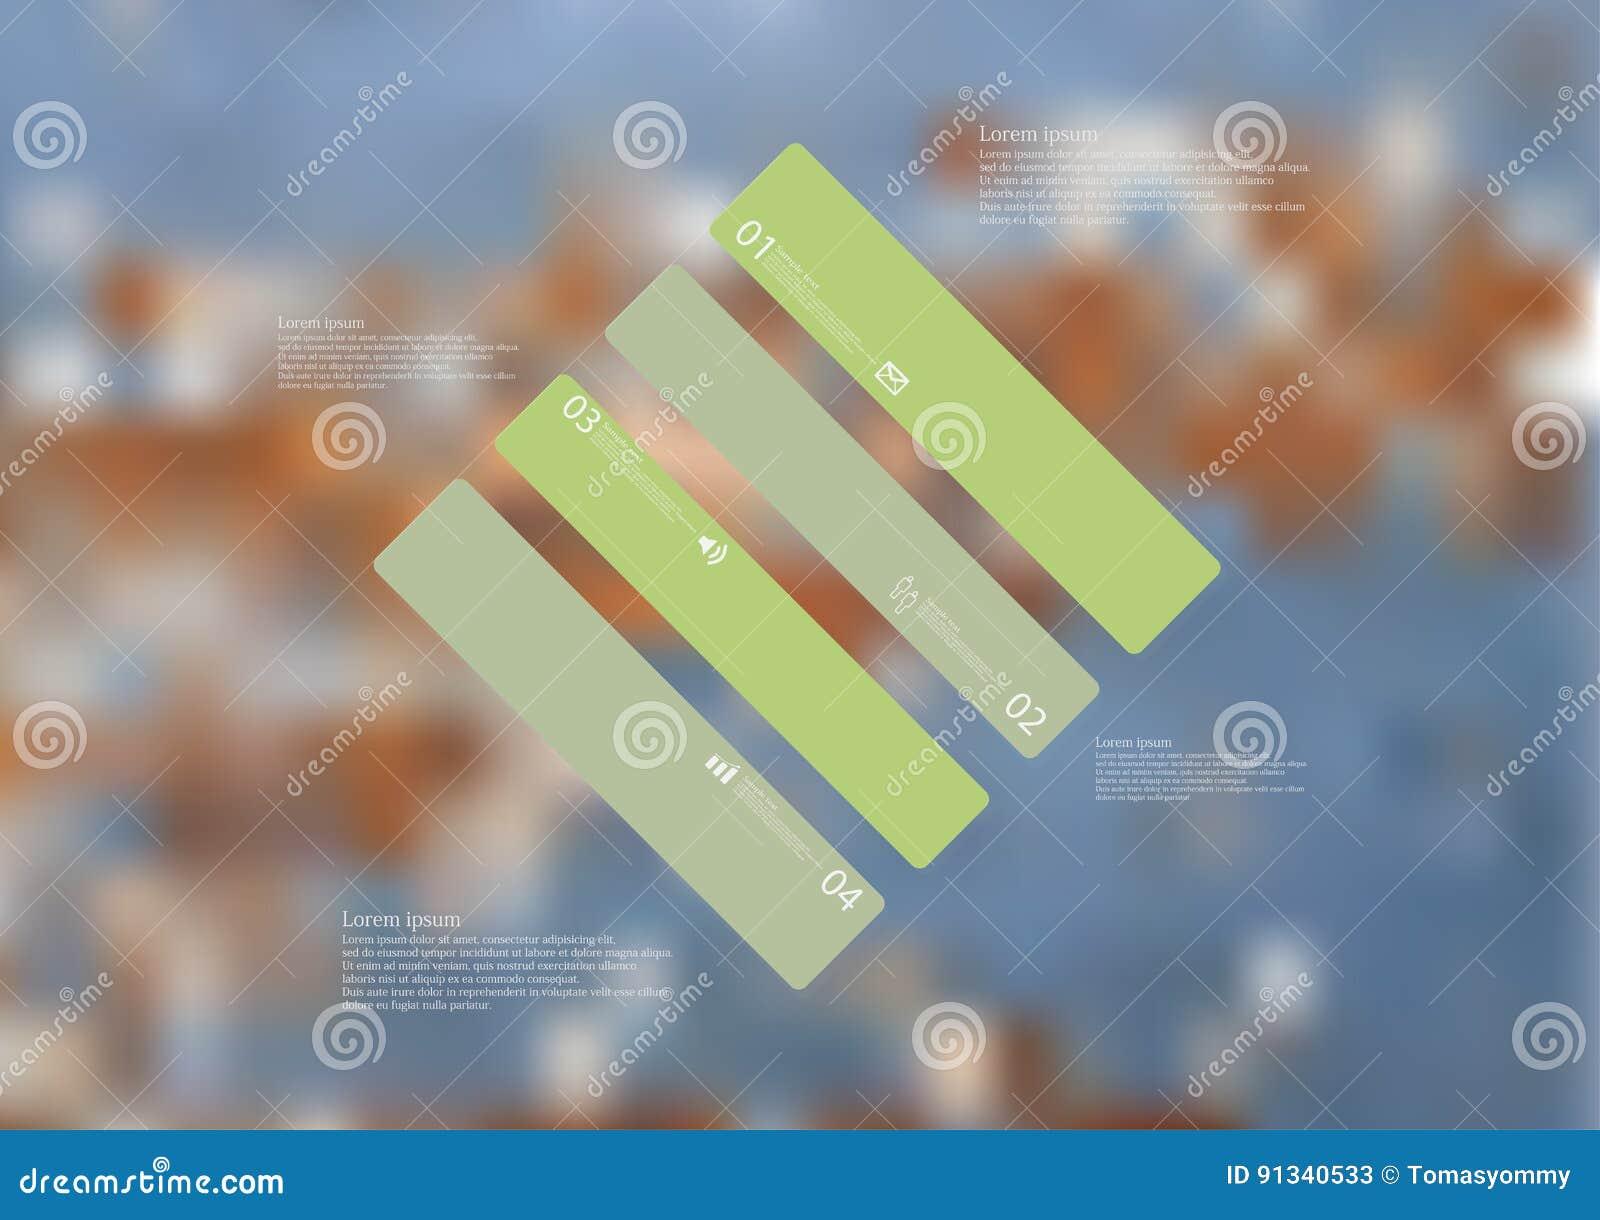 Molde infographic da ilustração com o oblíquo do rombo dividido a quatro porções verdes autônomas